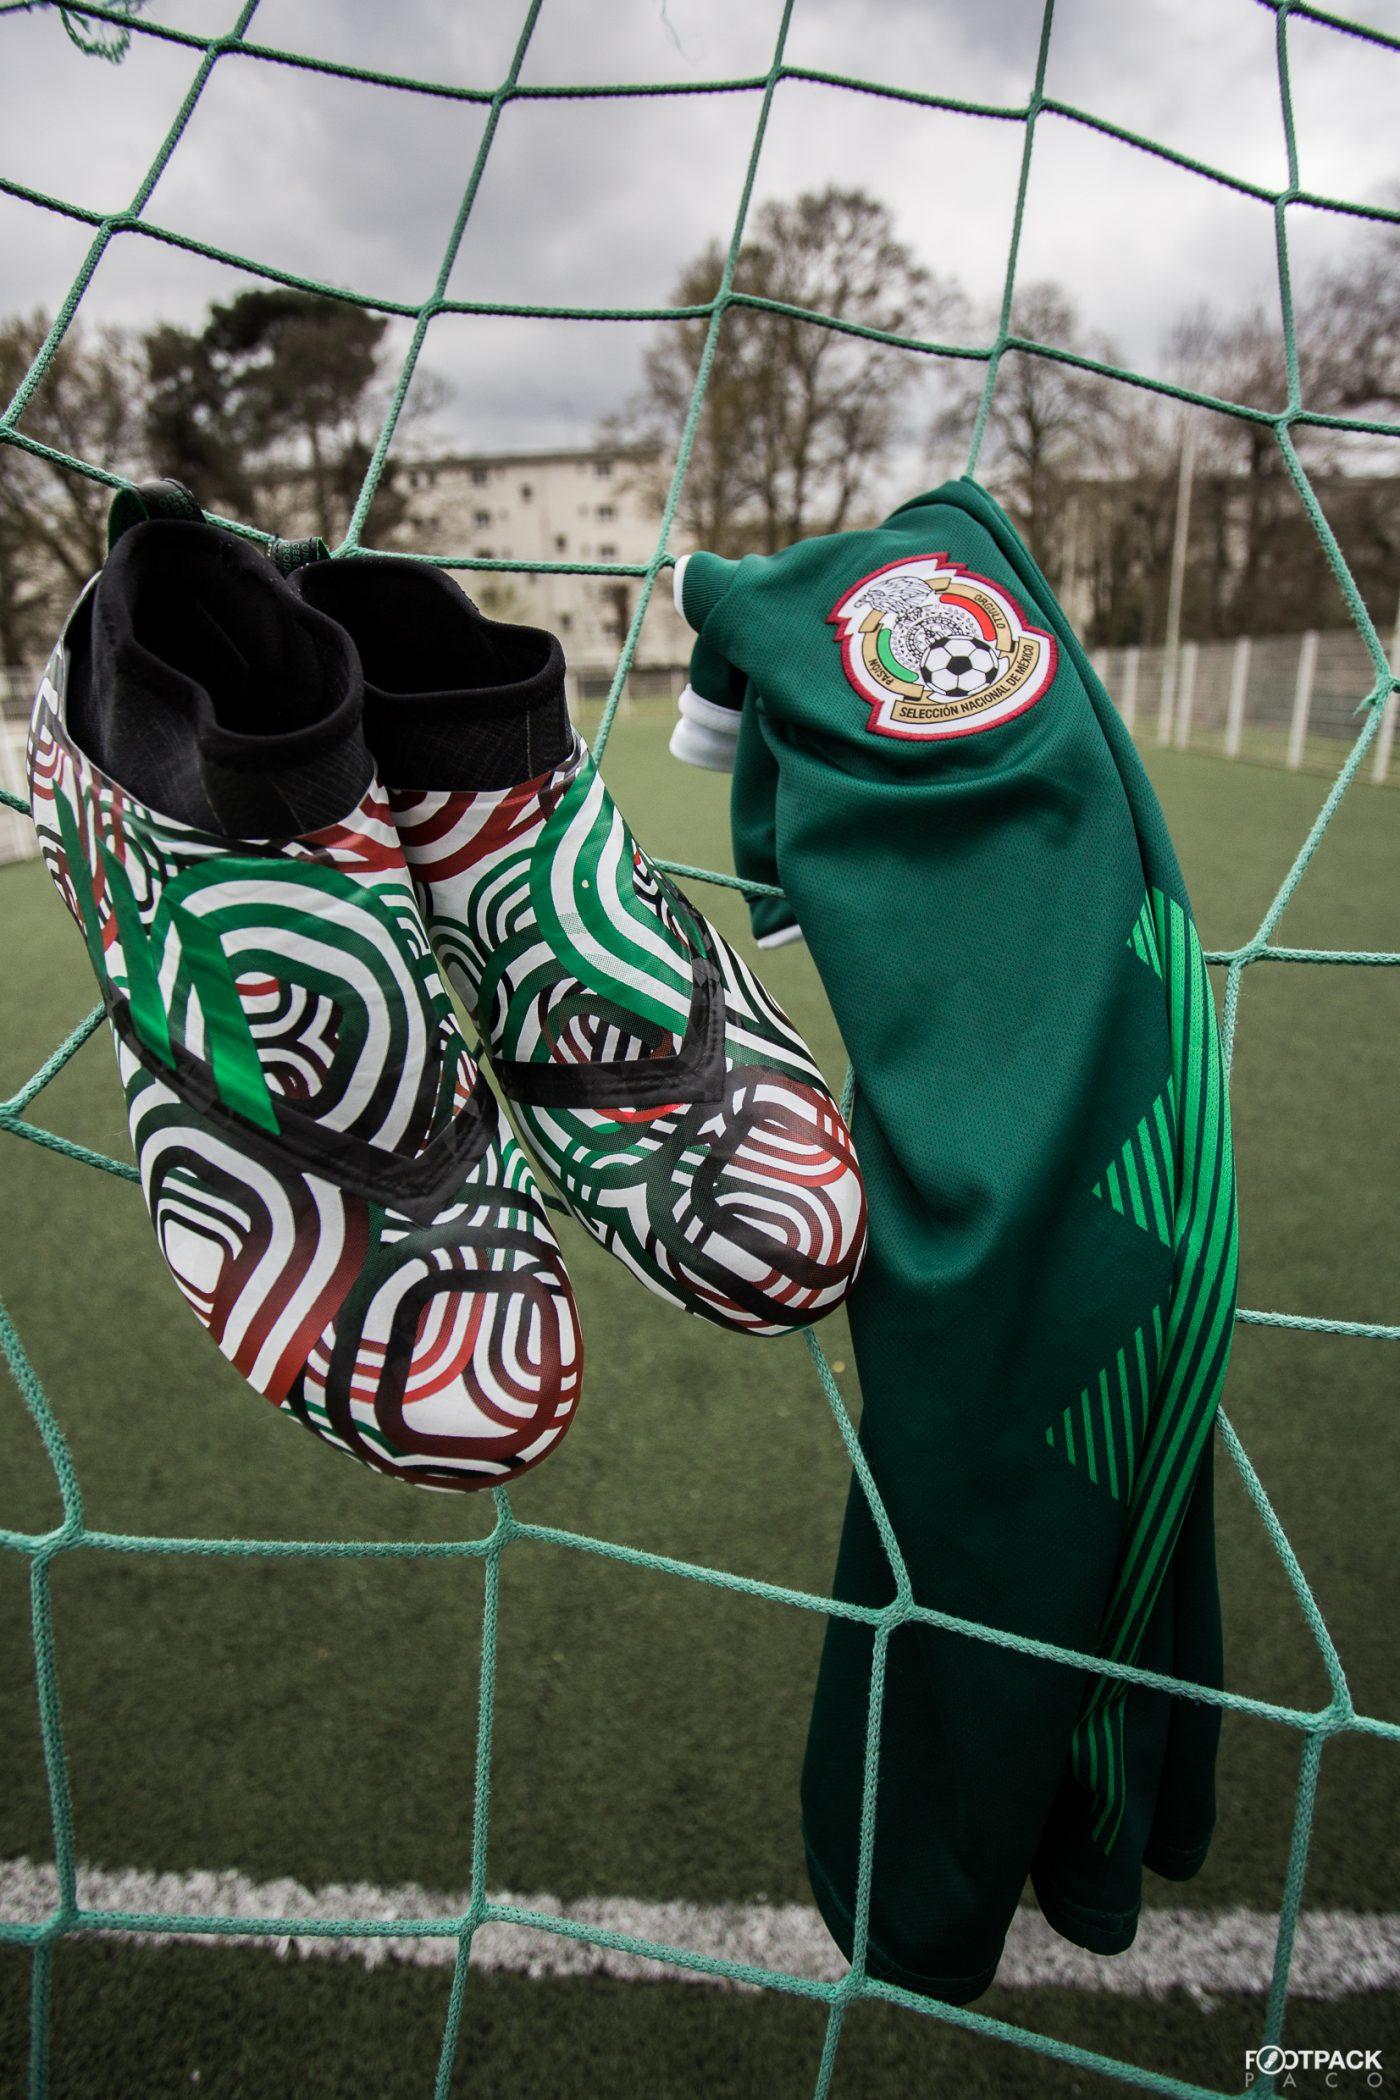 adidas-glitch-number-skin-numberskin-footpack-6